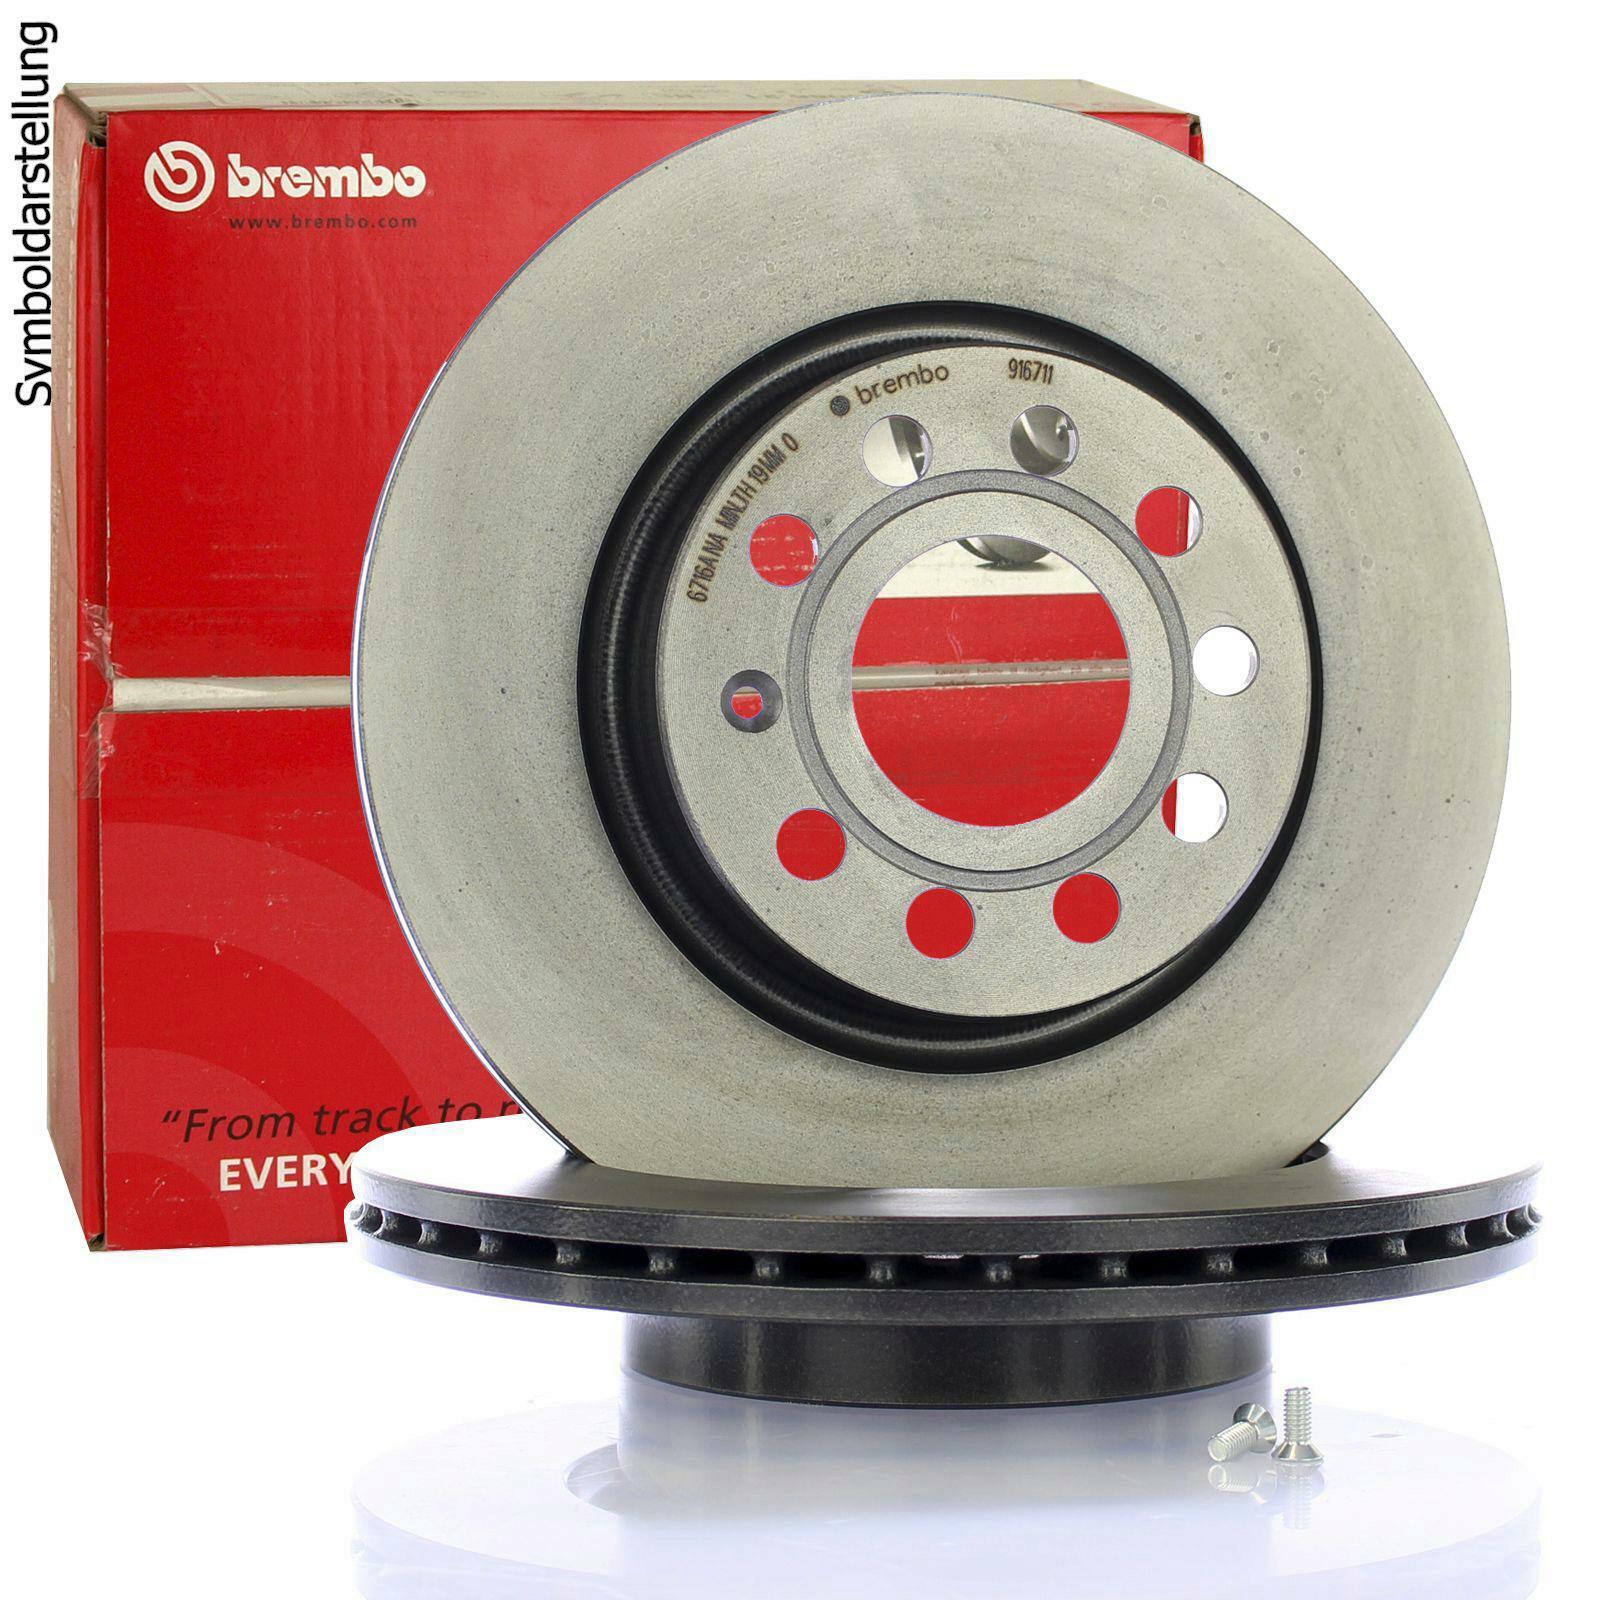 09.A430.11 Brembo2 Bremsscheiben Coated Disc Line Belüftet 304 mm Vorne